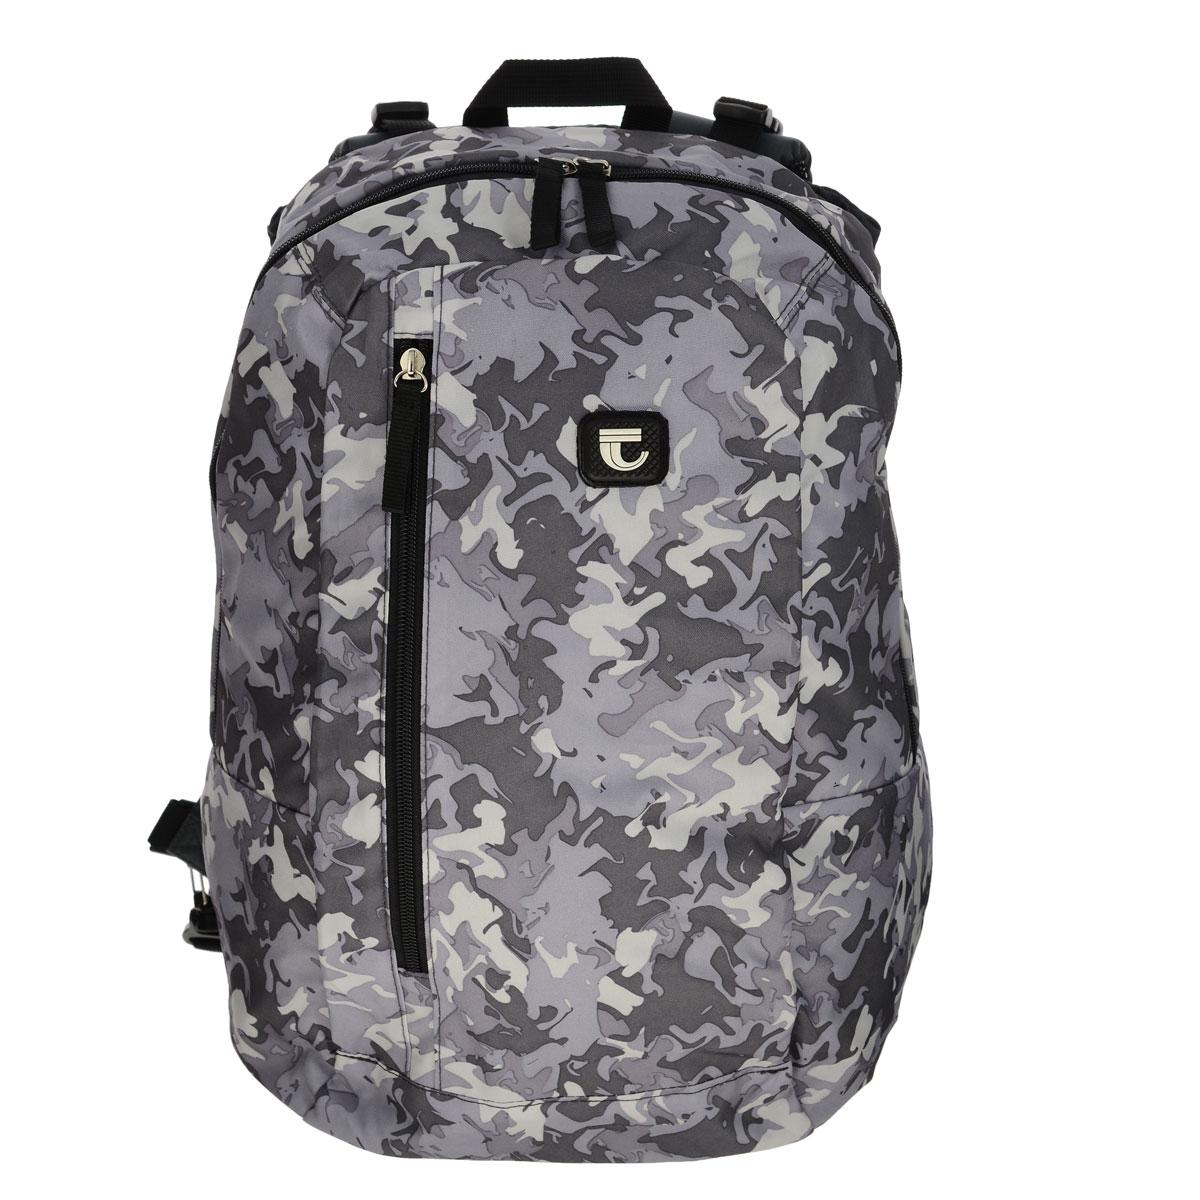 Рюкзак двойной Tiger, цвет: серыйOM-671-1/2Рюкзак Tiger изготовлен из качественного полиэстера, характеризующегося повышенной износостойкостью.Отстегивающаяся задняя дополнительная панель с регулируемыми лямками, позволяет менять расцветку рюкзака на камуфляжную. При изменении рюкзака, он будет иметь одно основное отделение на молнии, дополнительный карман на вертикальной молнии, регулируемые сверху и снизу задние лямки с сетчатой набивкой.